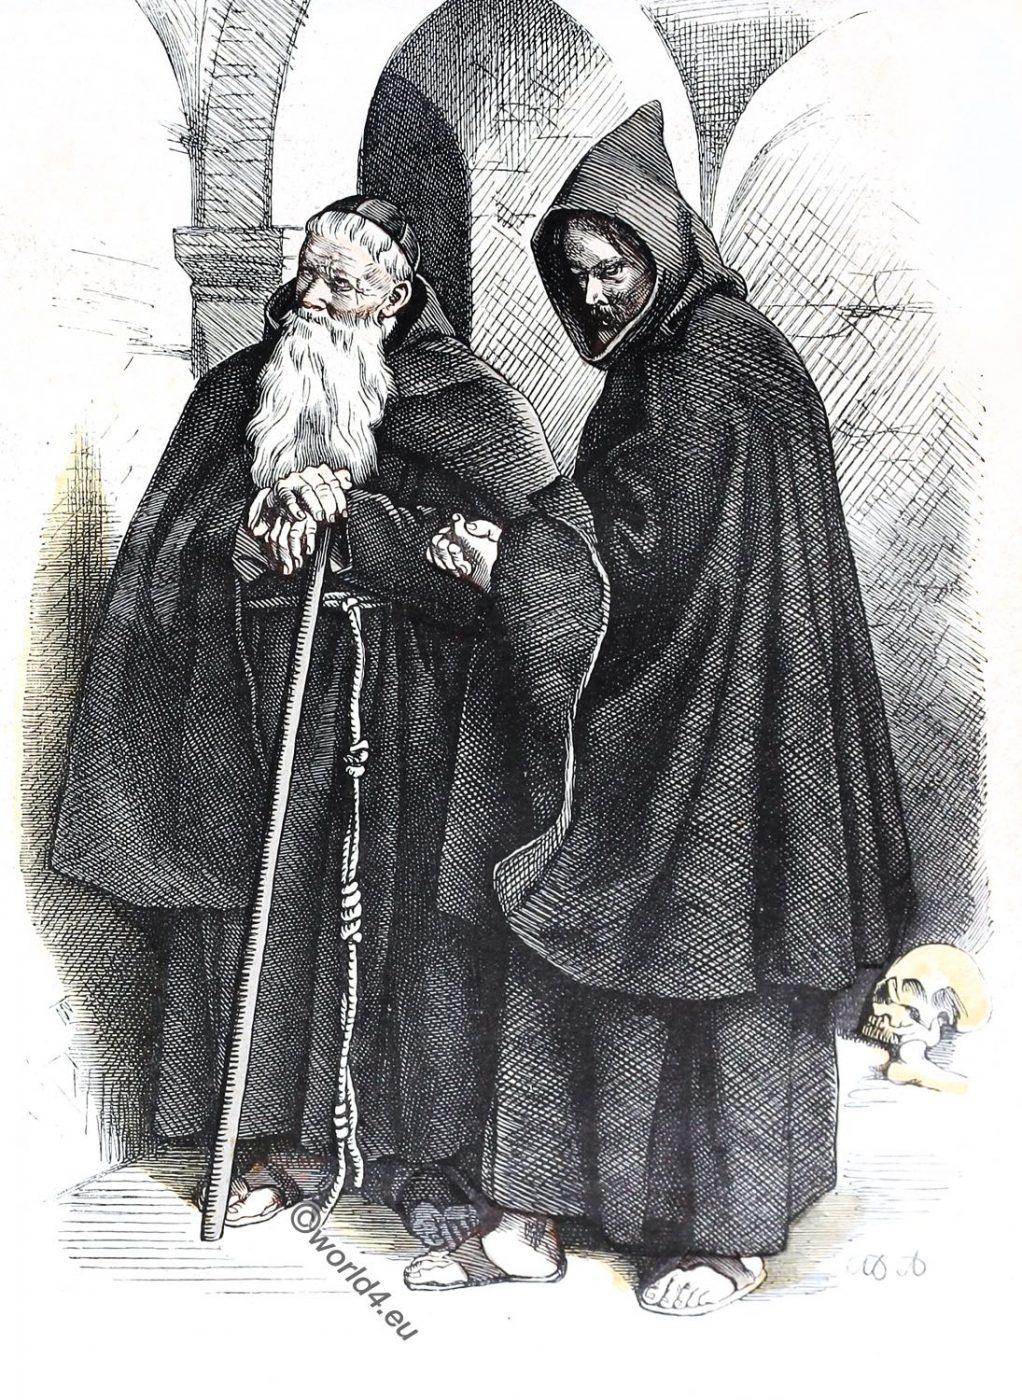 Order, Friars Minor Capuchin, monks, Ecclesiastical habit, religious order, costume,